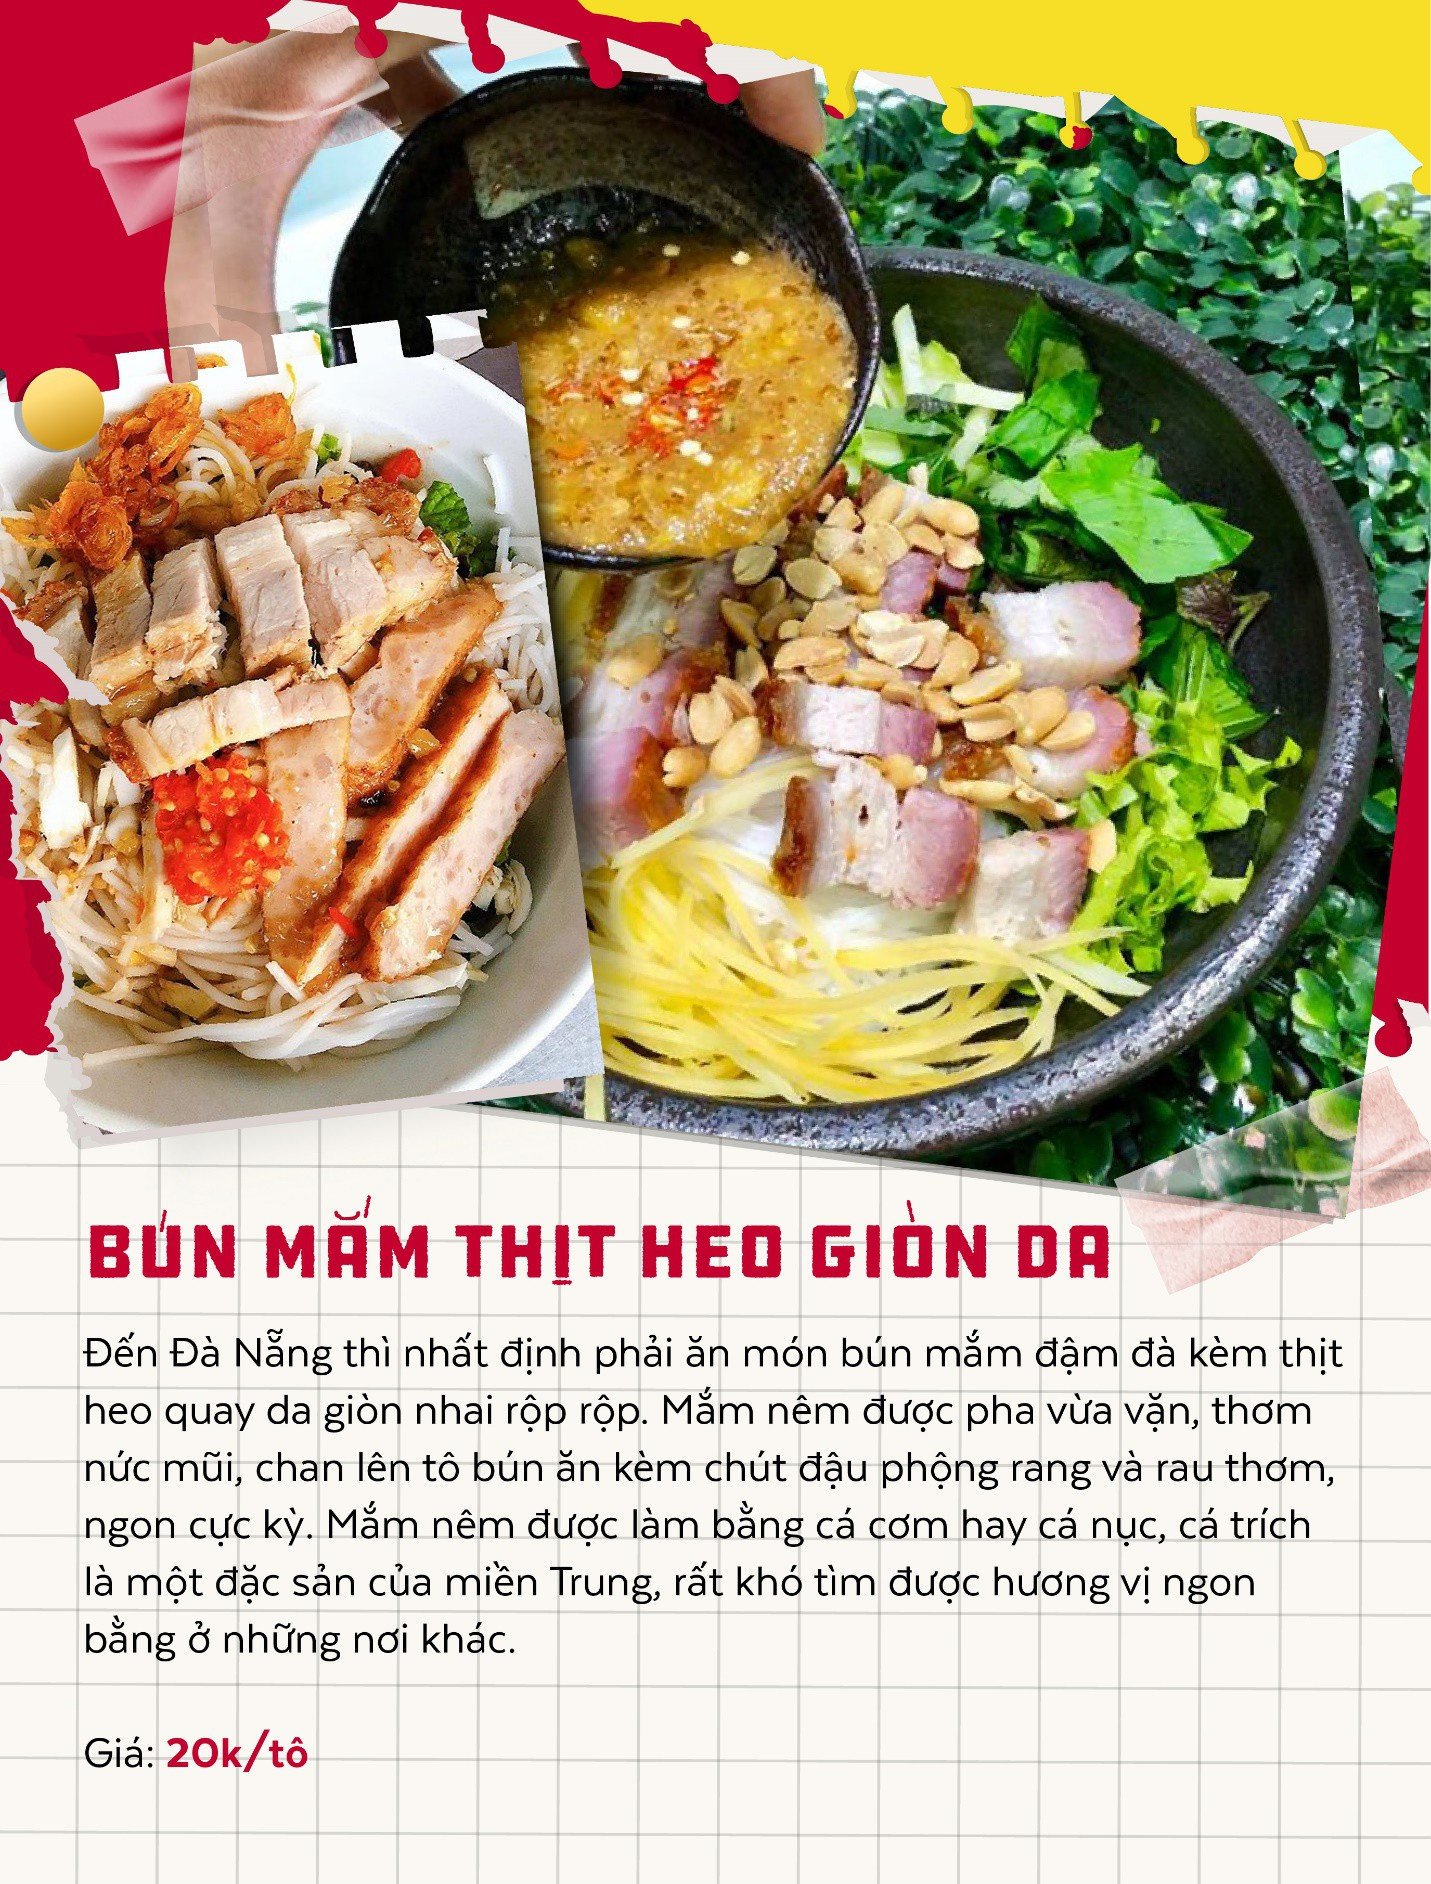 """Bí kíp ăn """"hết"""" miền Trung dù hầu bao hạn hẹp với top món ngon - bổ - rẻ - Ảnh 4."""